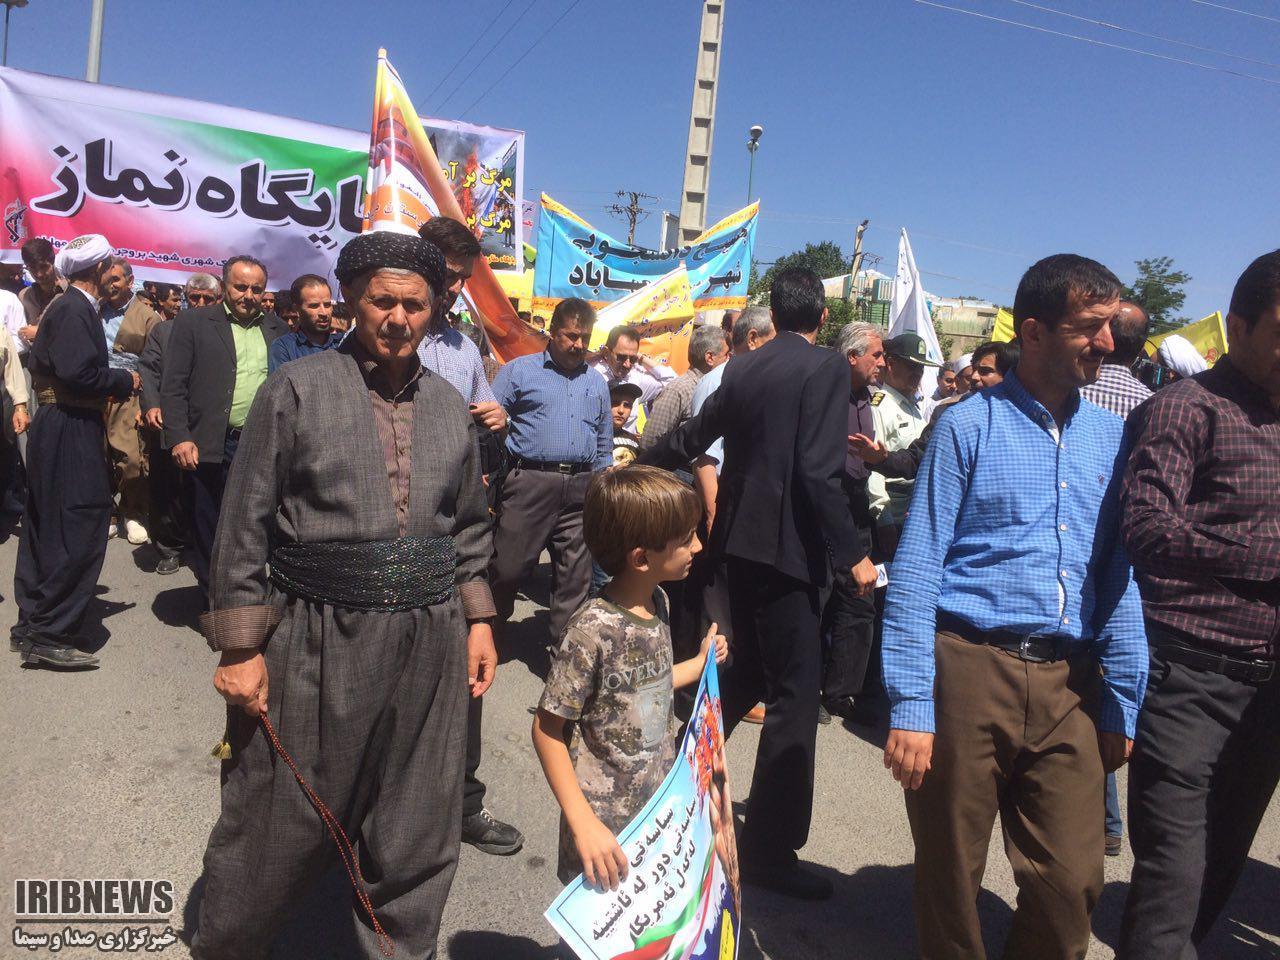 آغاز راهپیایی روز جهانی قدس و ندای فریاد دفاع از مظلوم در مهاباد